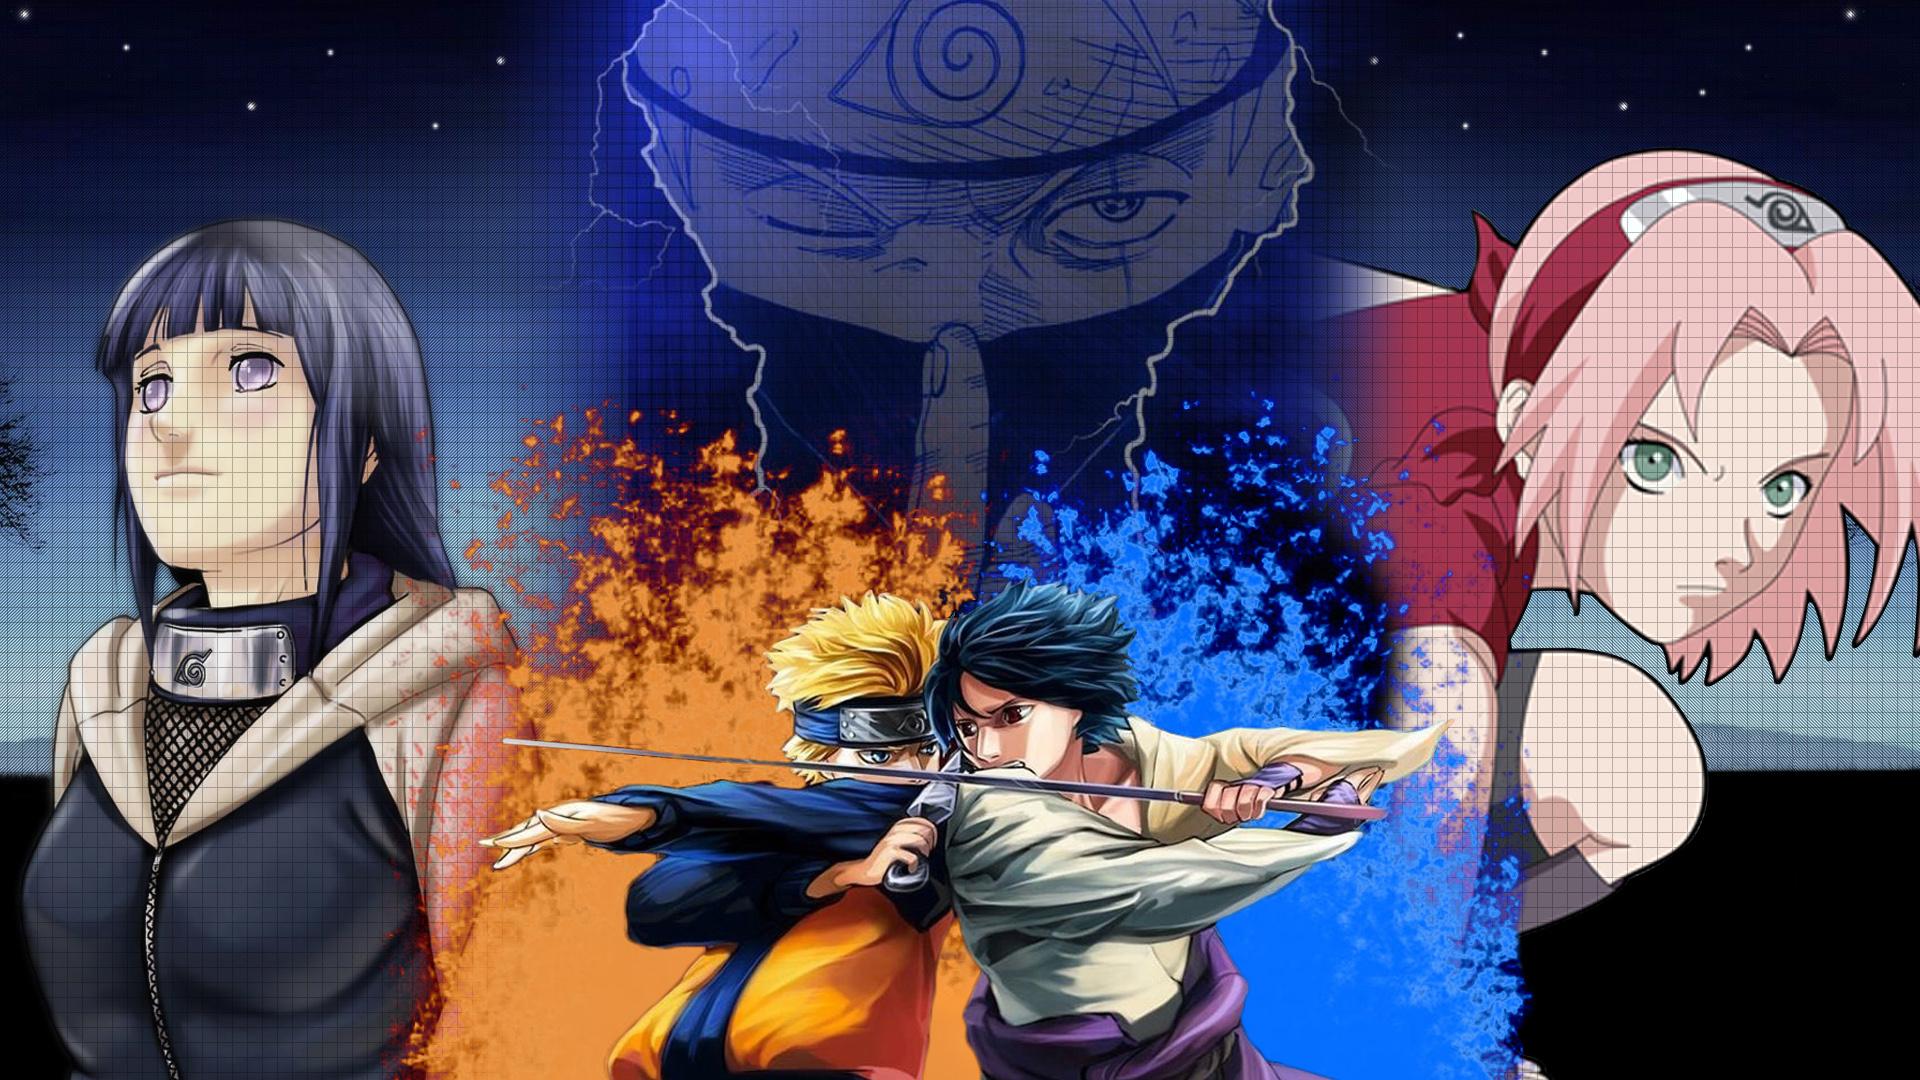 Download Hinata Naruto Sasuke Sakura Kakashi Wallpaper 1920x1080 1920x1080